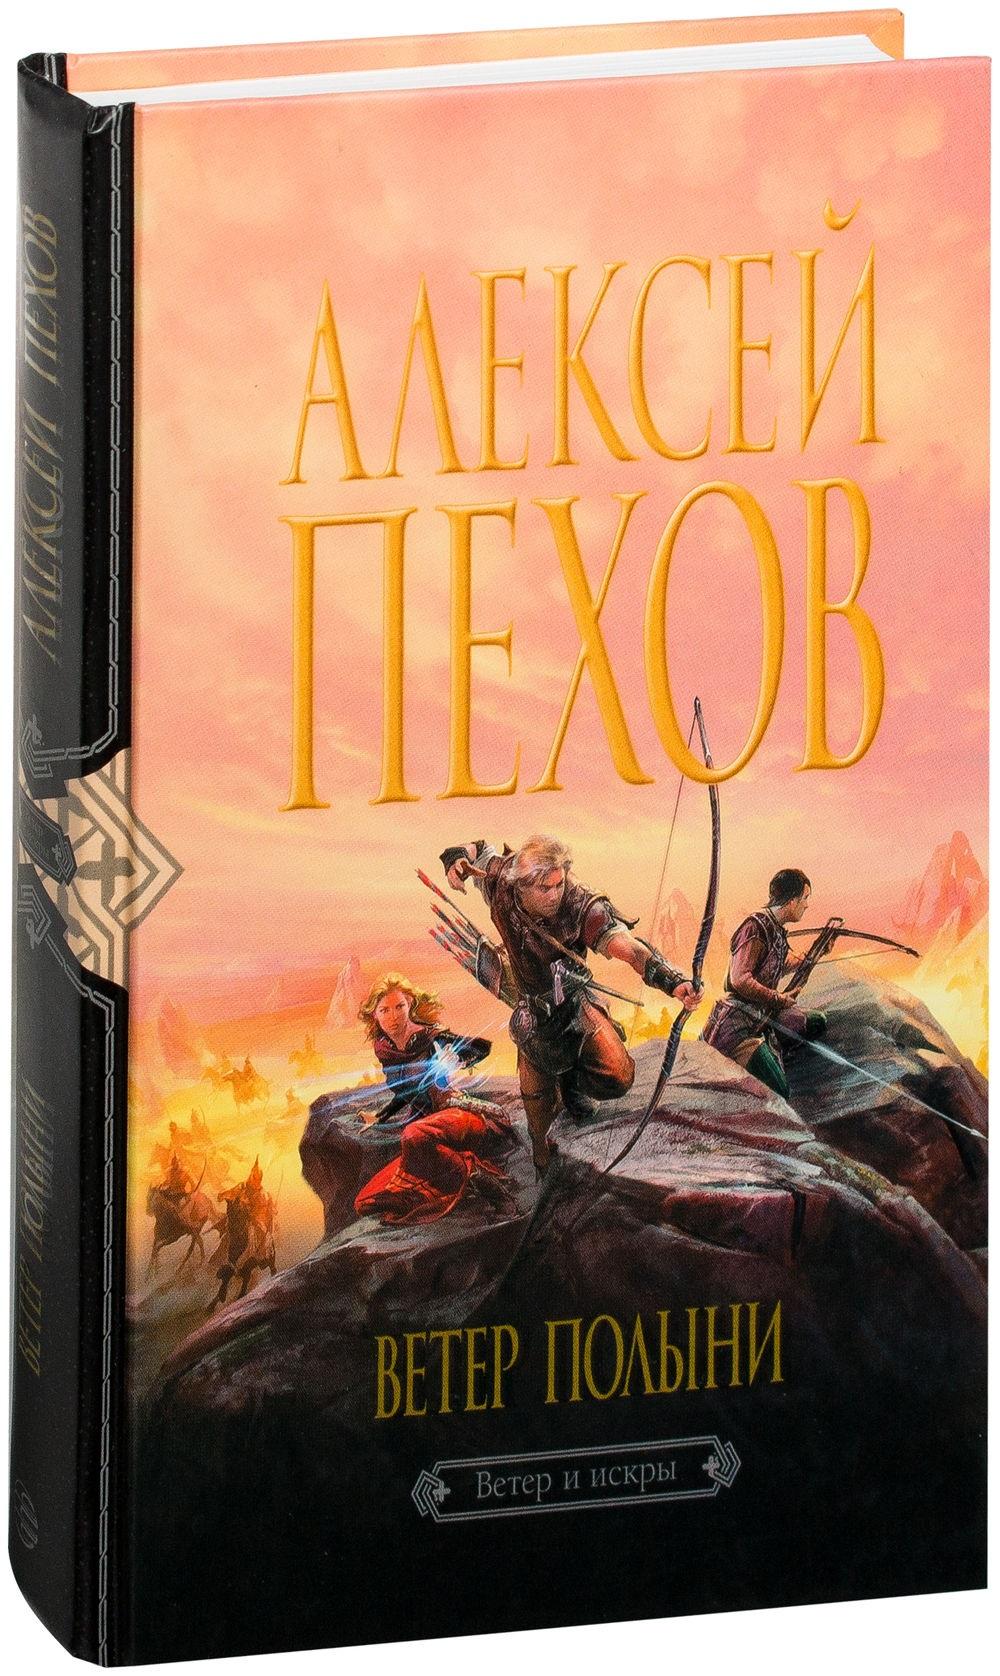 Купить Ветер полыни, Алексей Пехов, 978-5-9922-0991-4